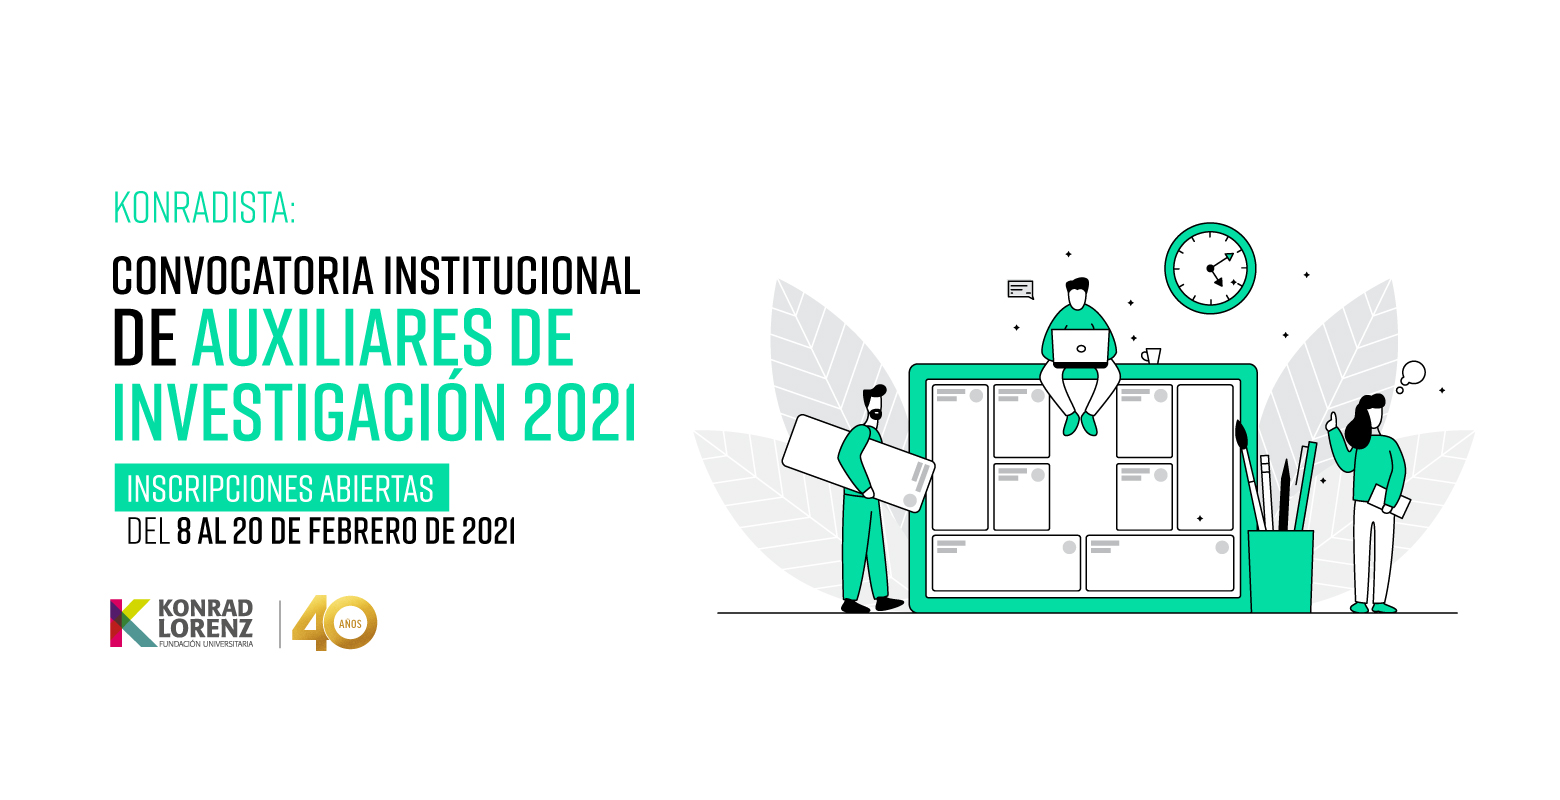 Konradista: Convocatoria de Auxiliares de Investigación 2021